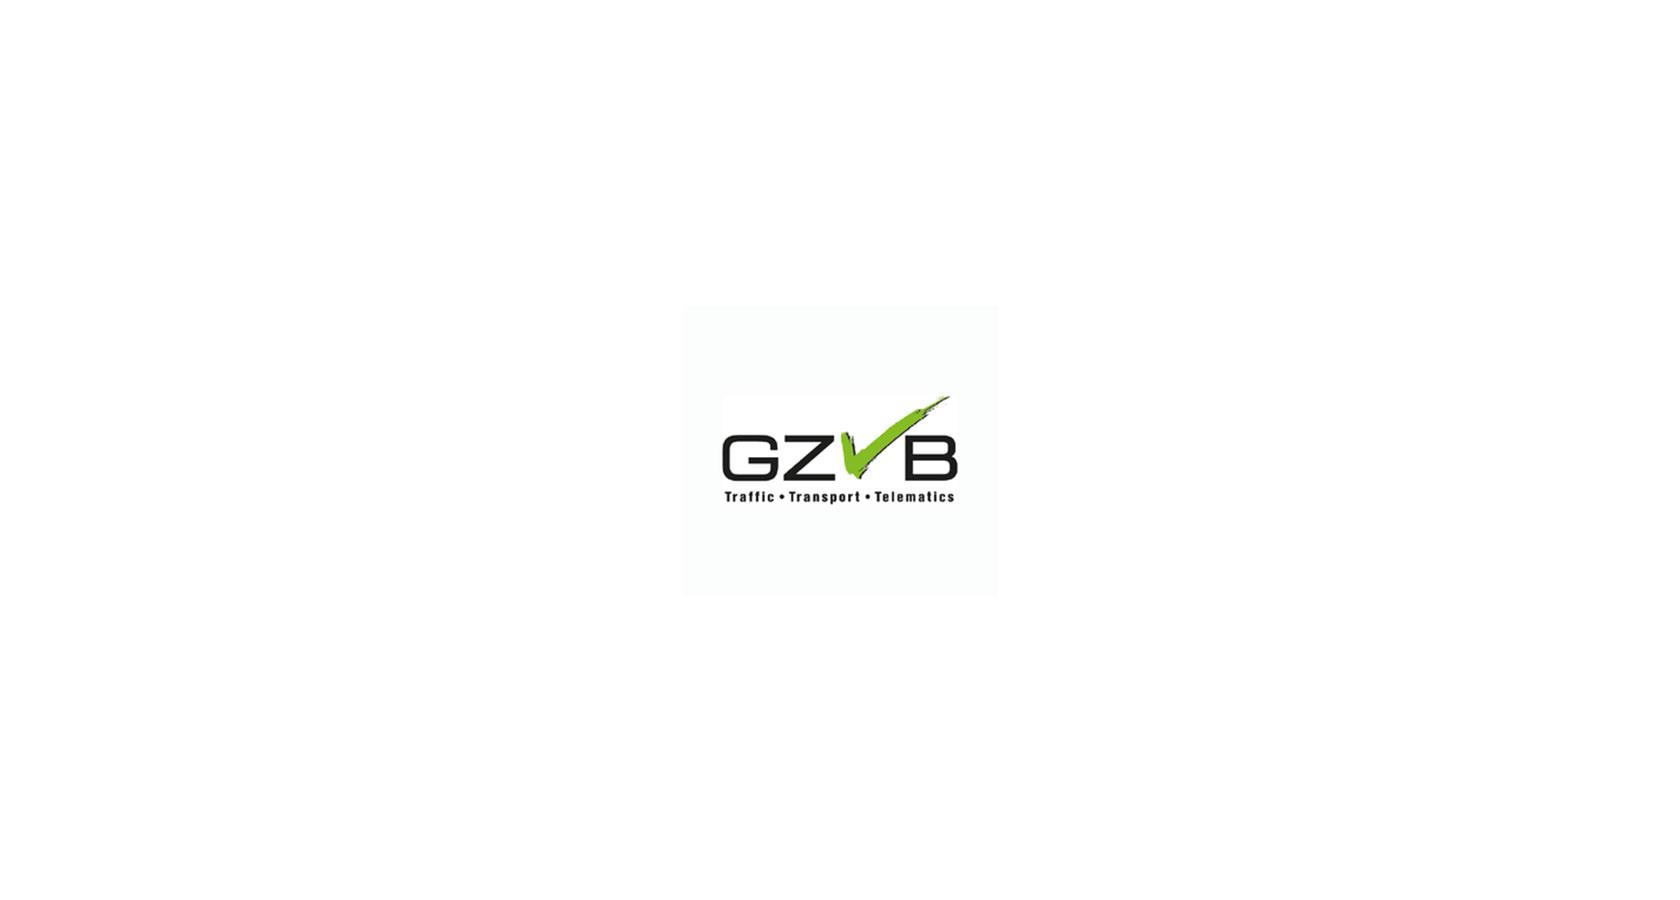 Logo des GZVB (Gesamtzentrum für Verkehr Braunschweig e.V.)